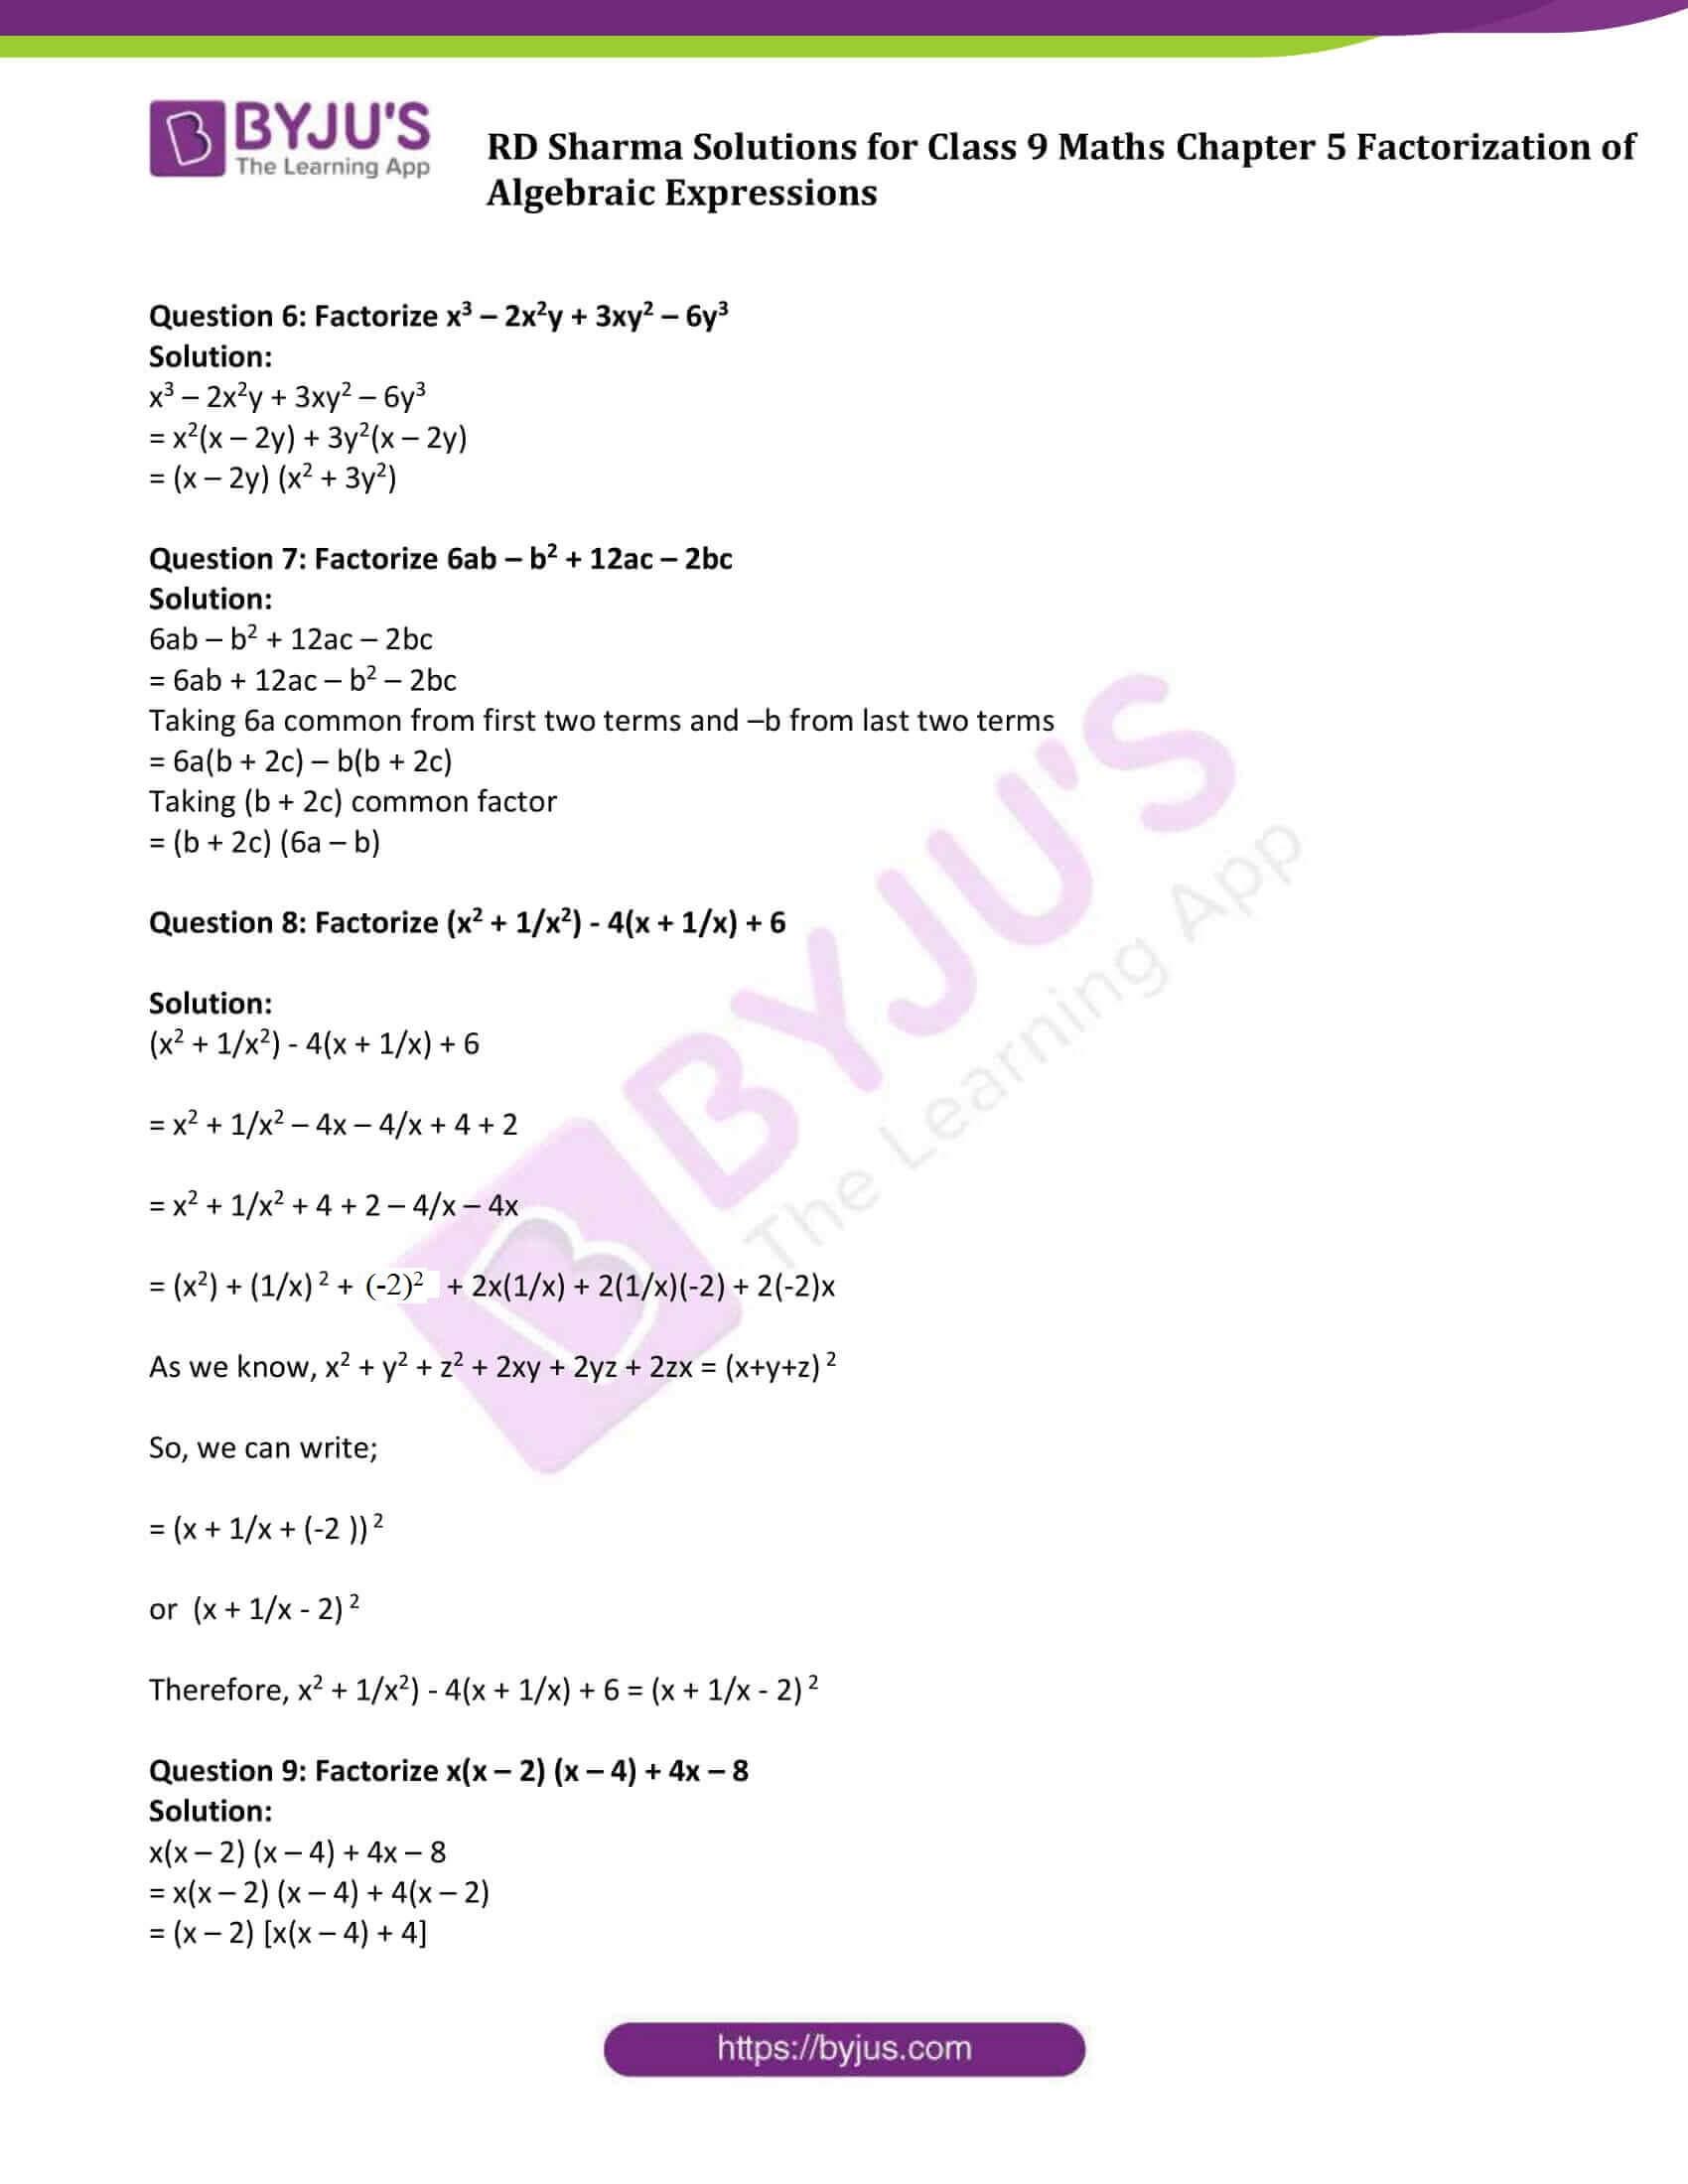 RD Sharma Solution class 9 Maths Chapter 5 02